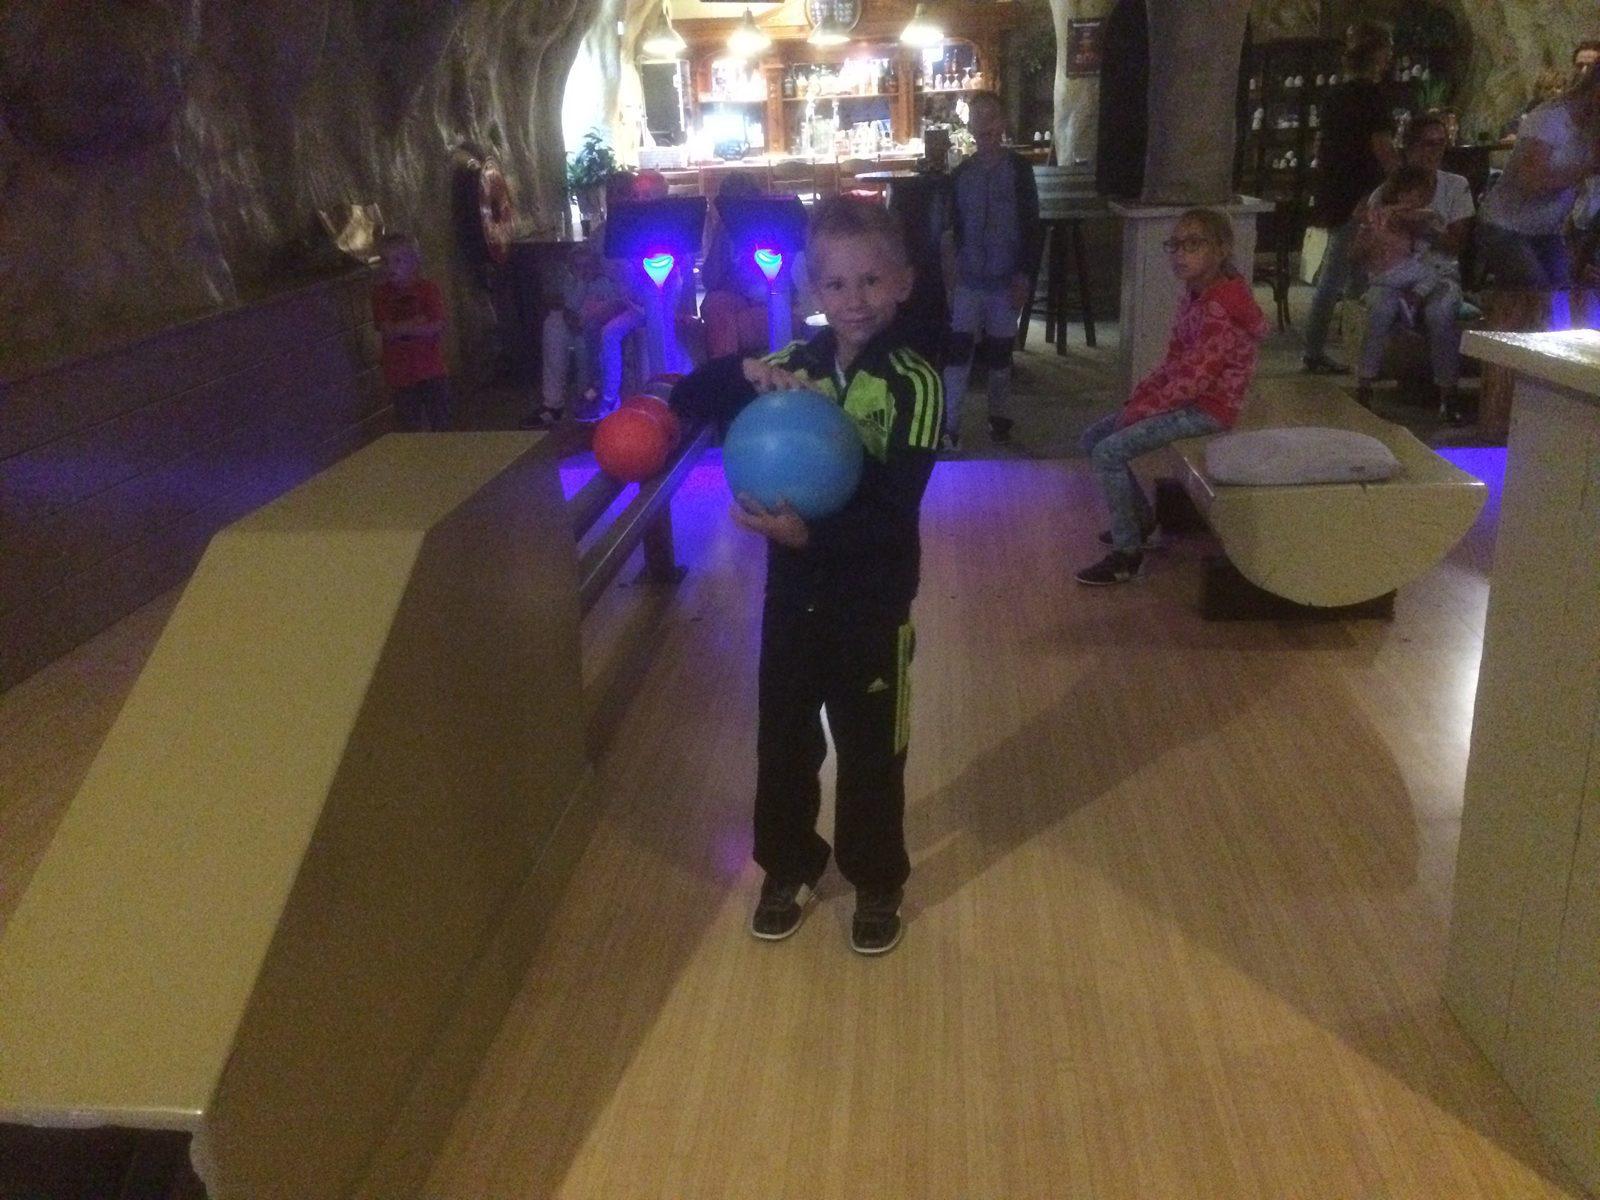 Gezellig bowlen tijdens verblijf op Recreatiepark De Boshoek